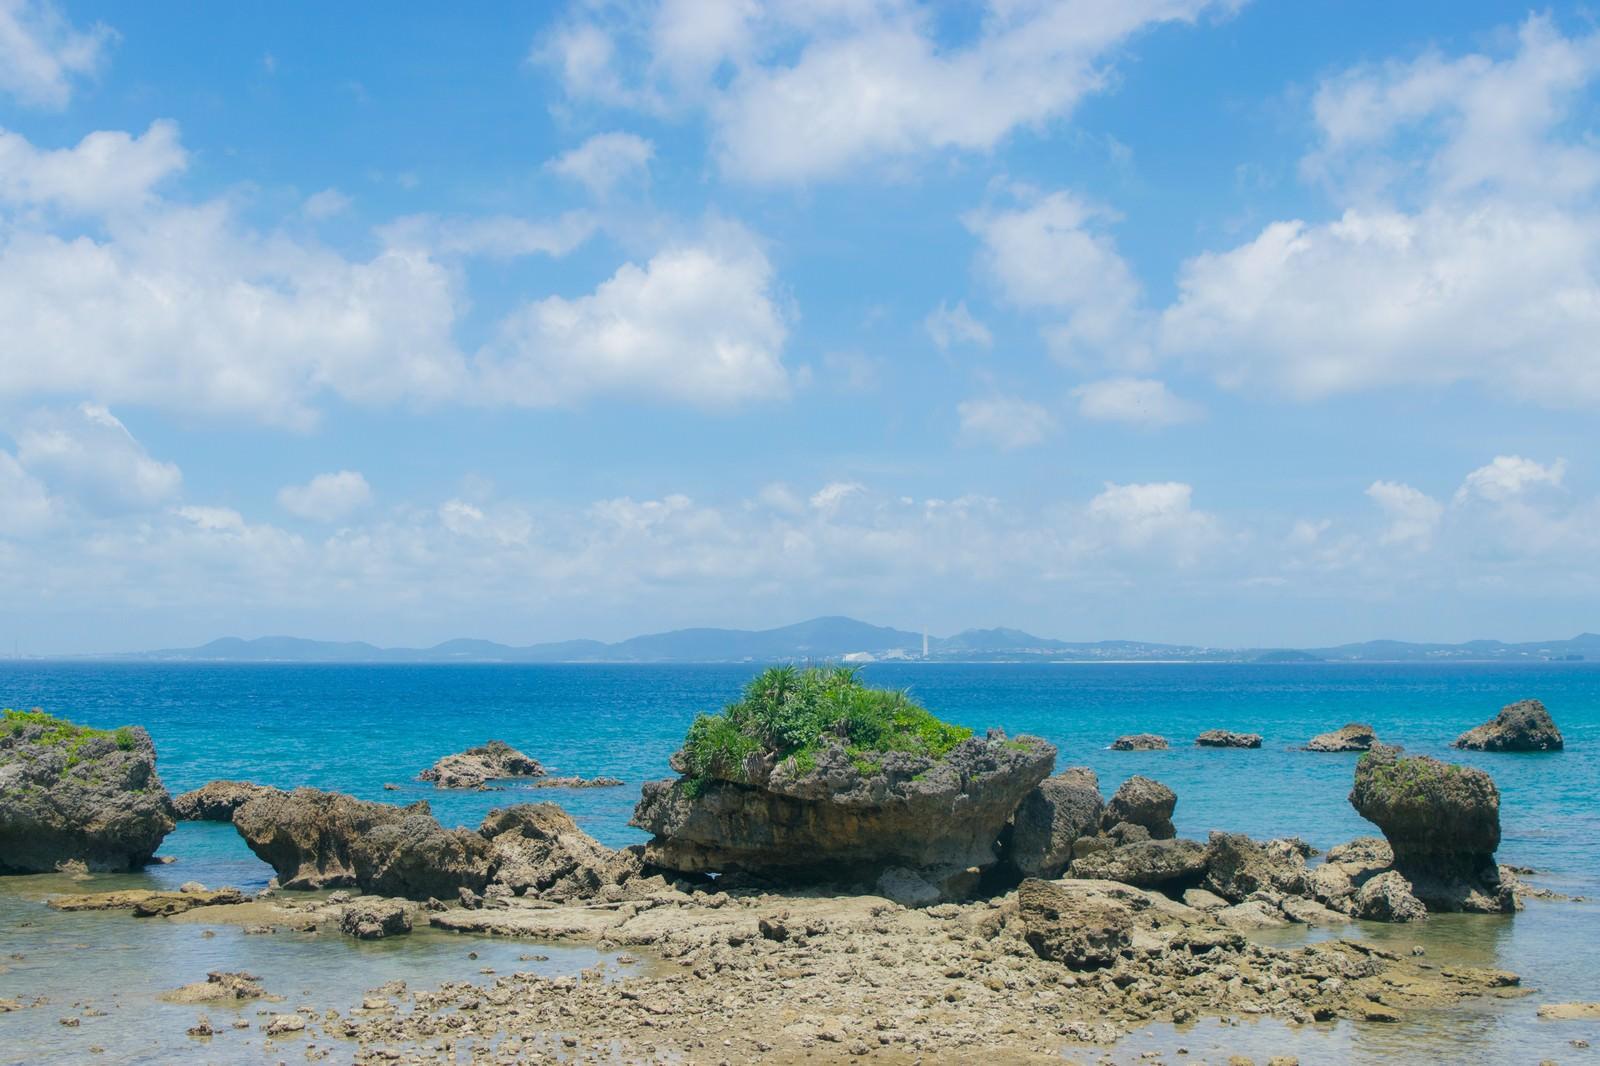 「夏の海と岩礁」の写真